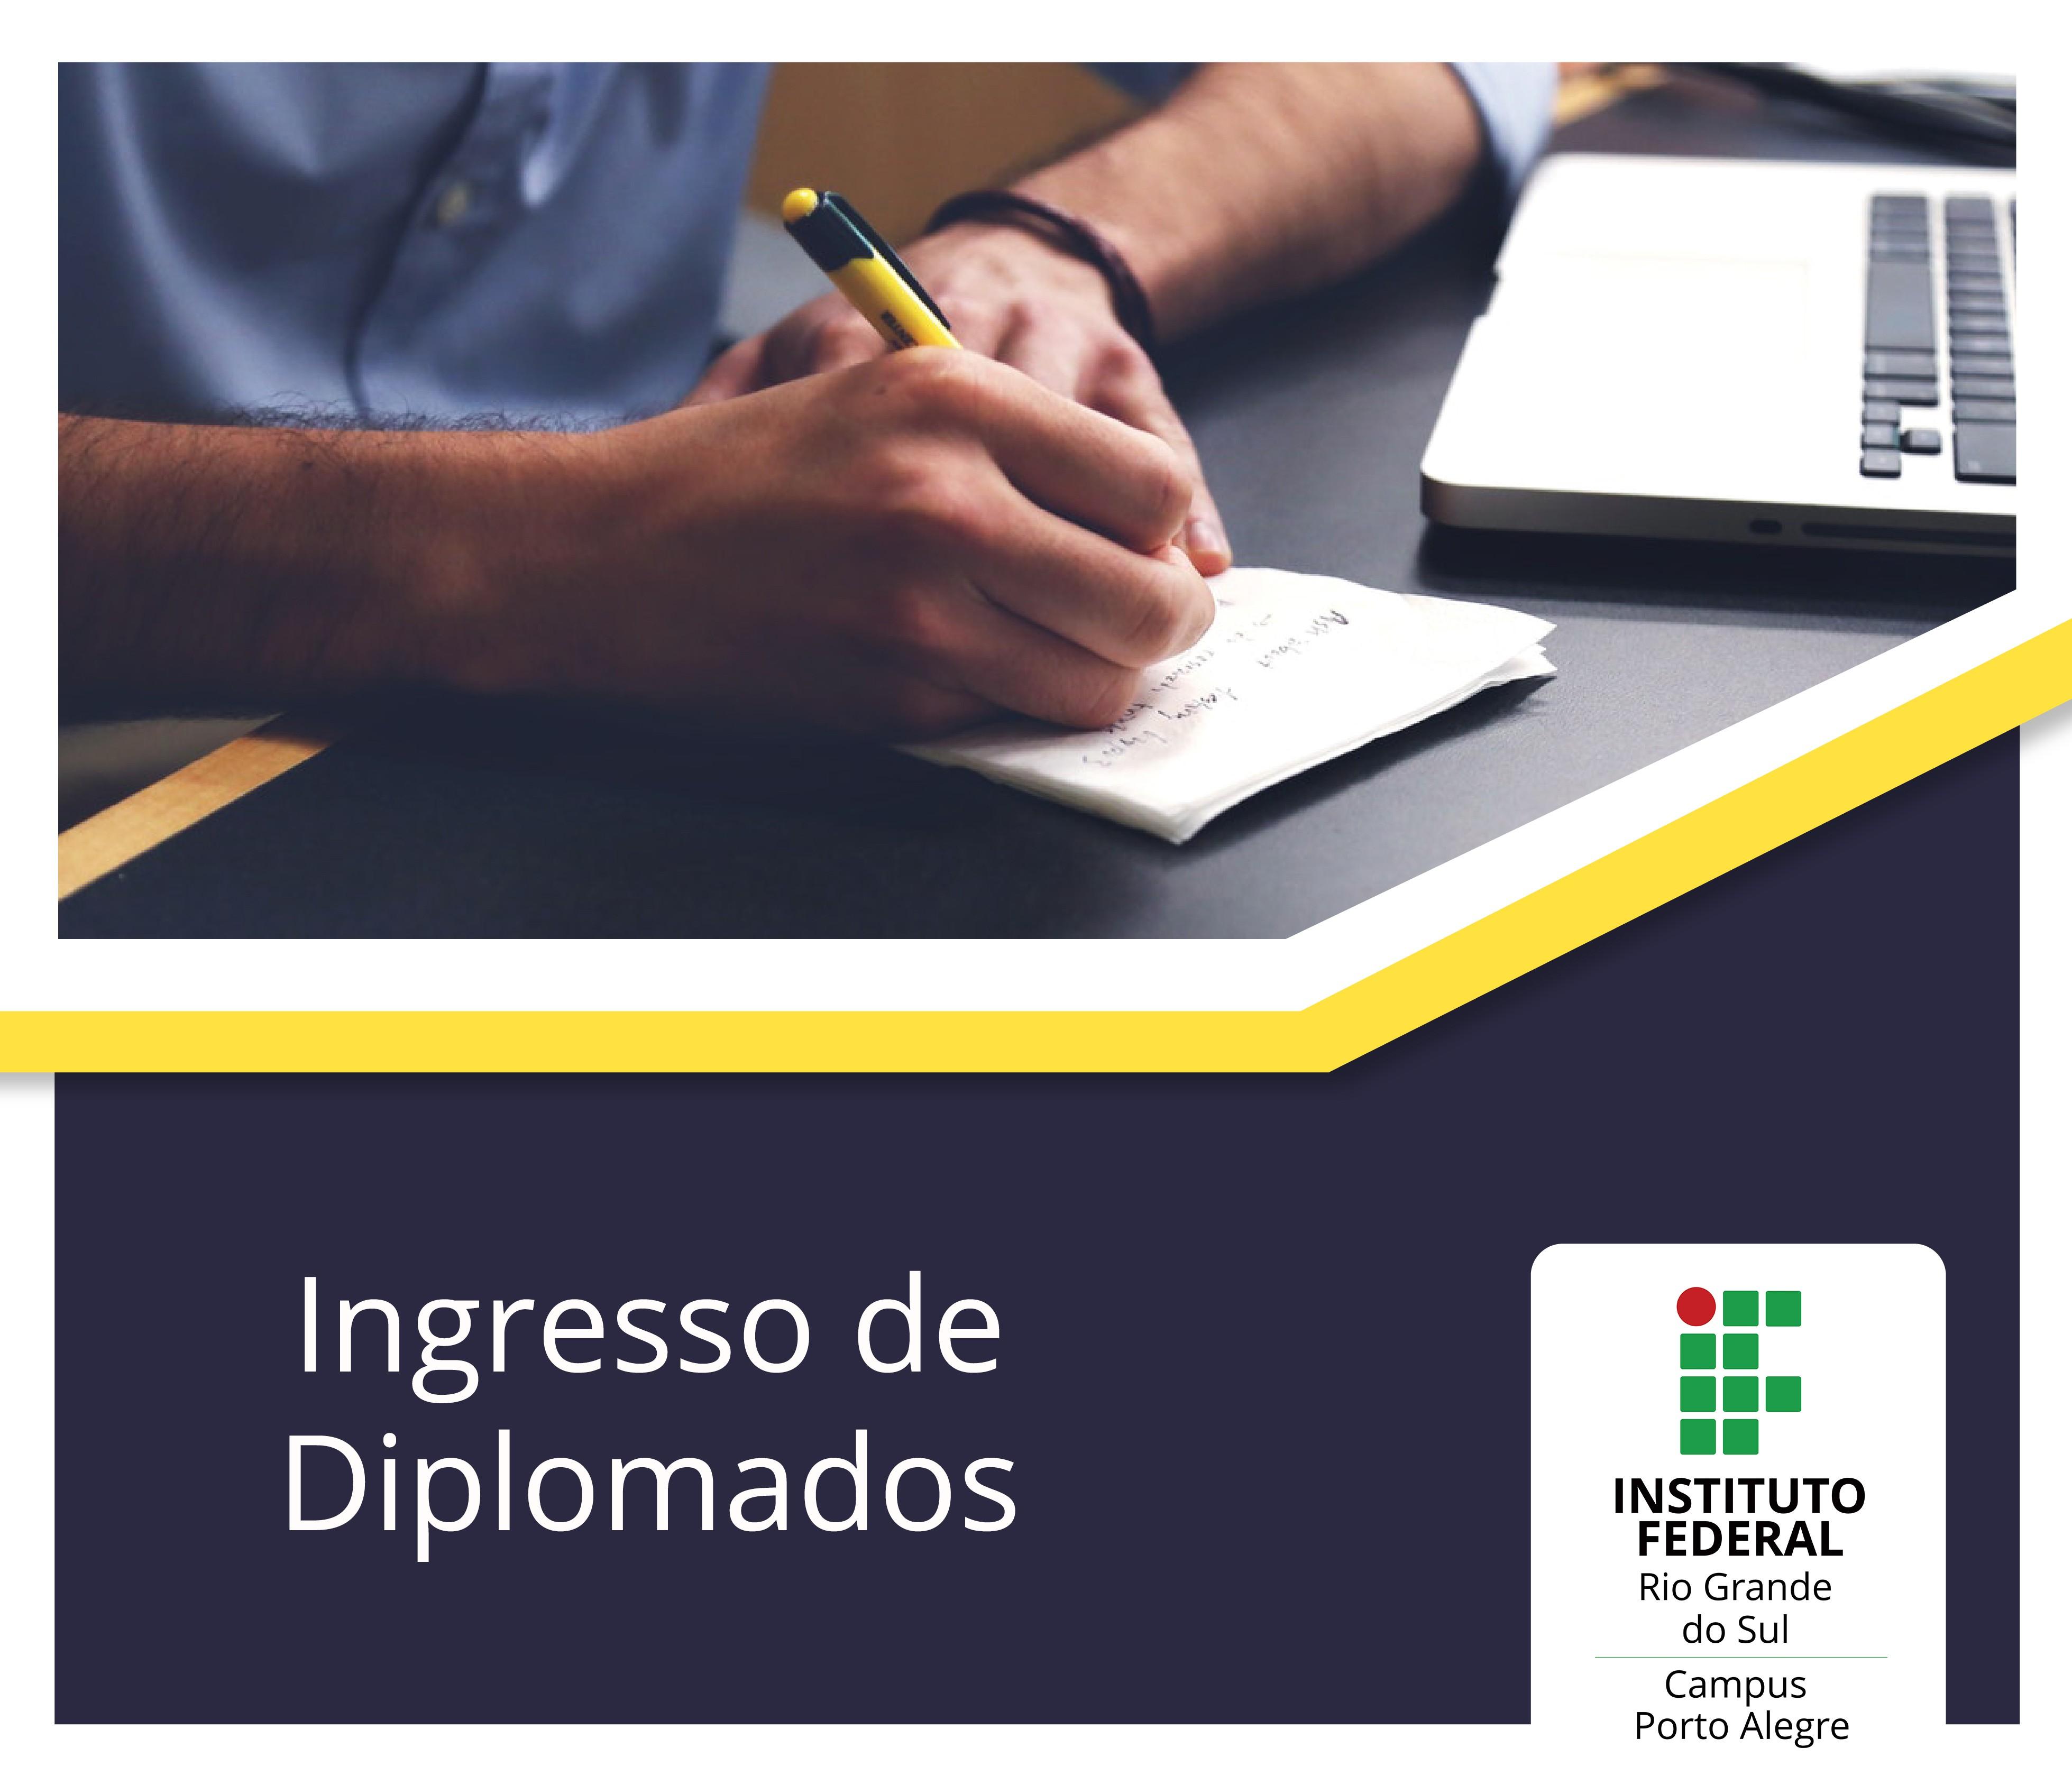 Edital nº 62 2018 Ingresso de diplomado em cursos superiores e técnicos para 2019 1 publicado resultado